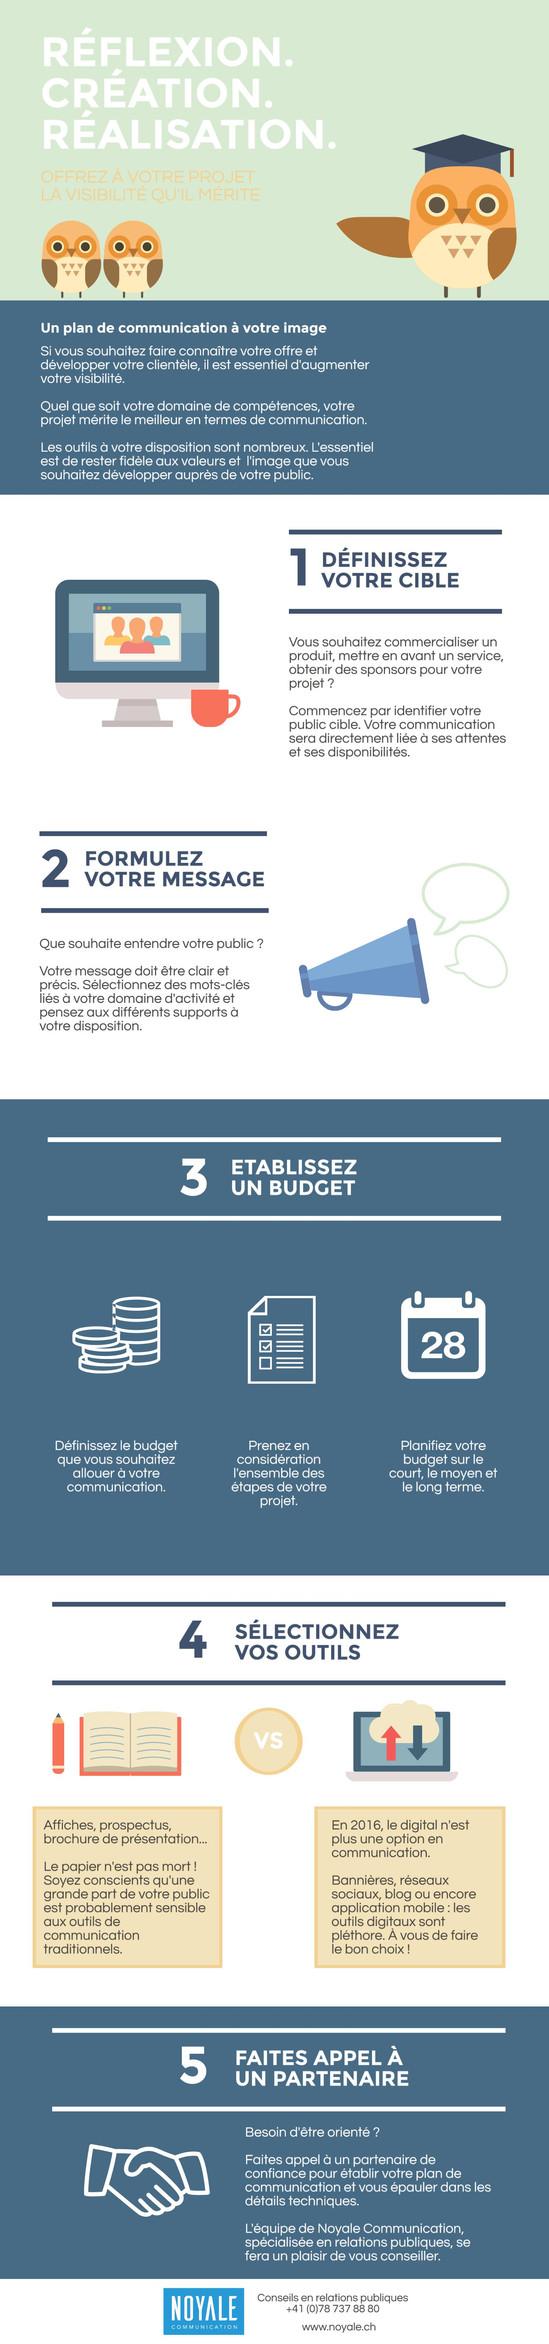 MODE D'EMPLOI - Comment établir votre plan de communication en 5 étapes